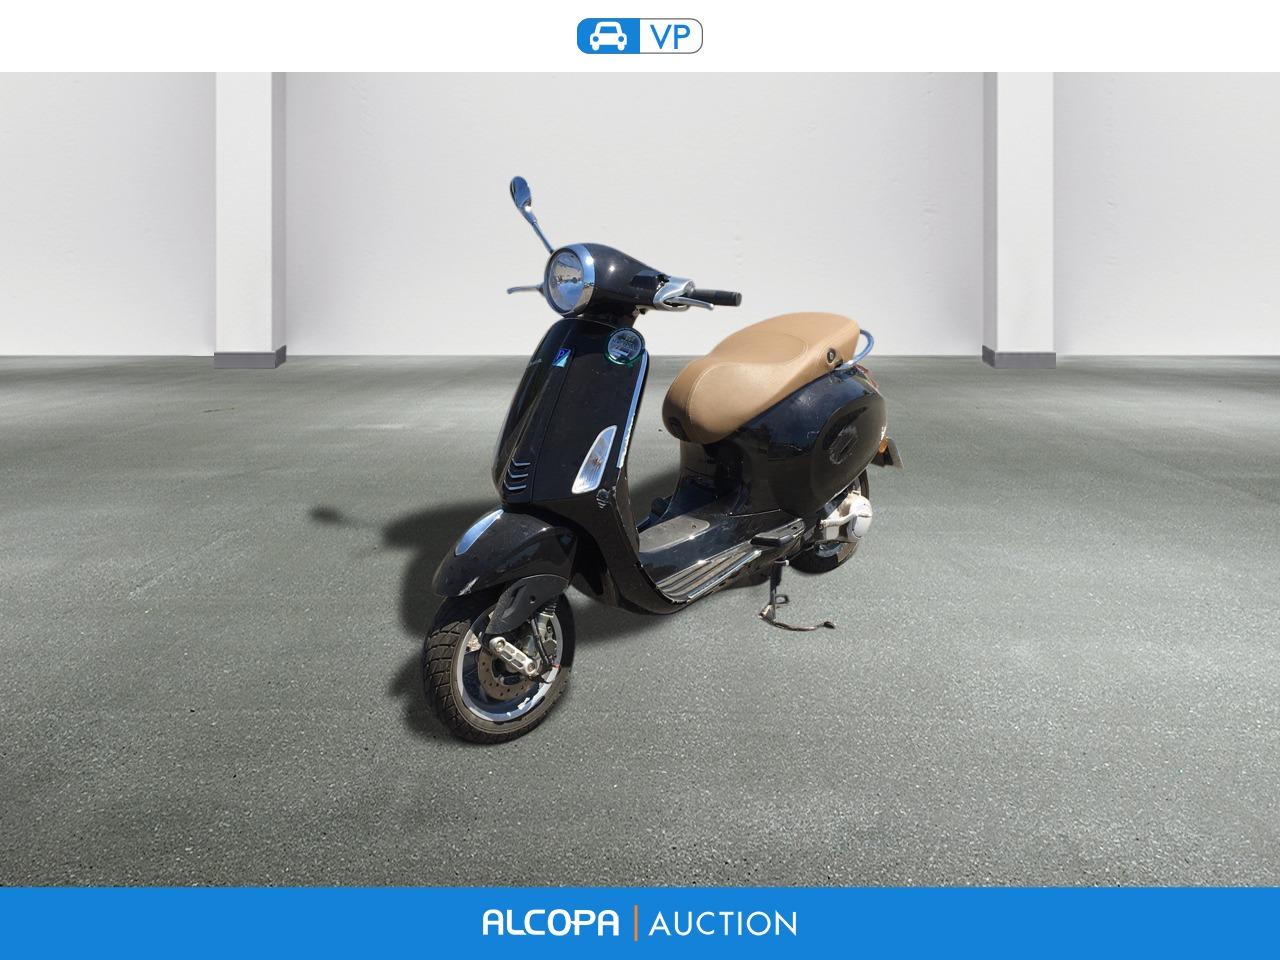 piaggio autres vespa primavera 50 cm3 alcopa auction. Black Bedroom Furniture Sets. Home Design Ideas